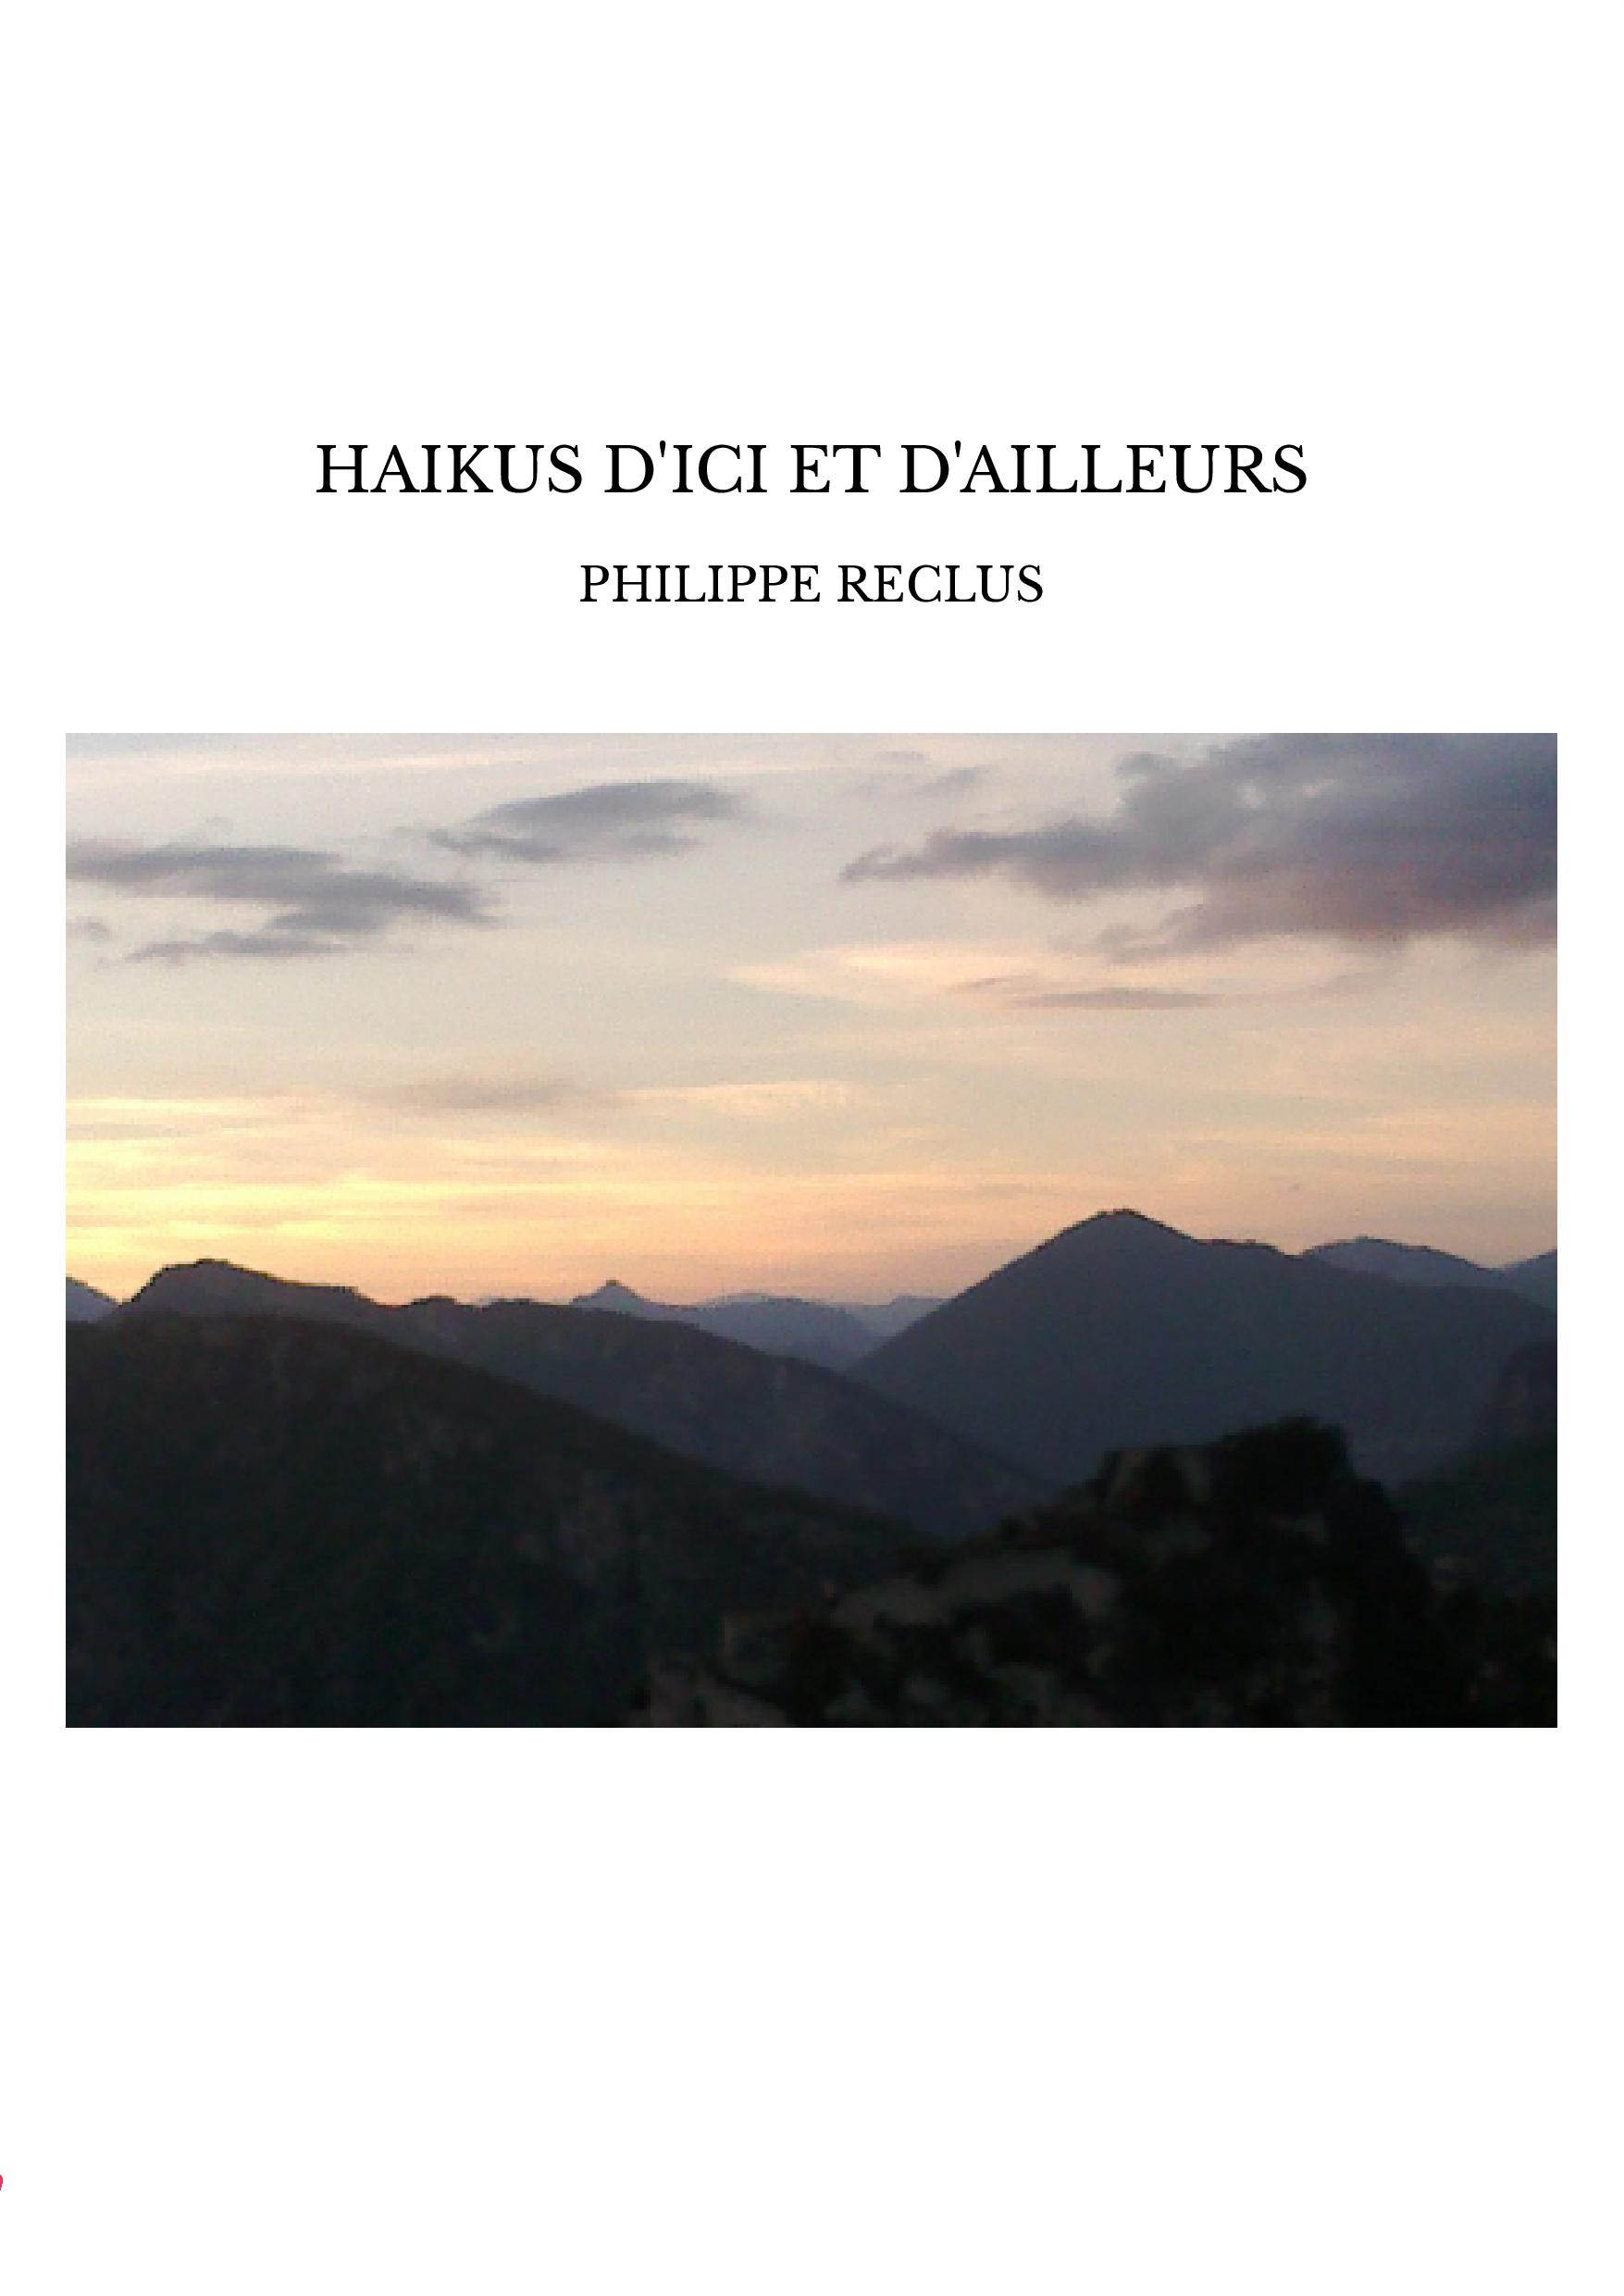 HAIKUS D'ICI ET D'AILLEURS